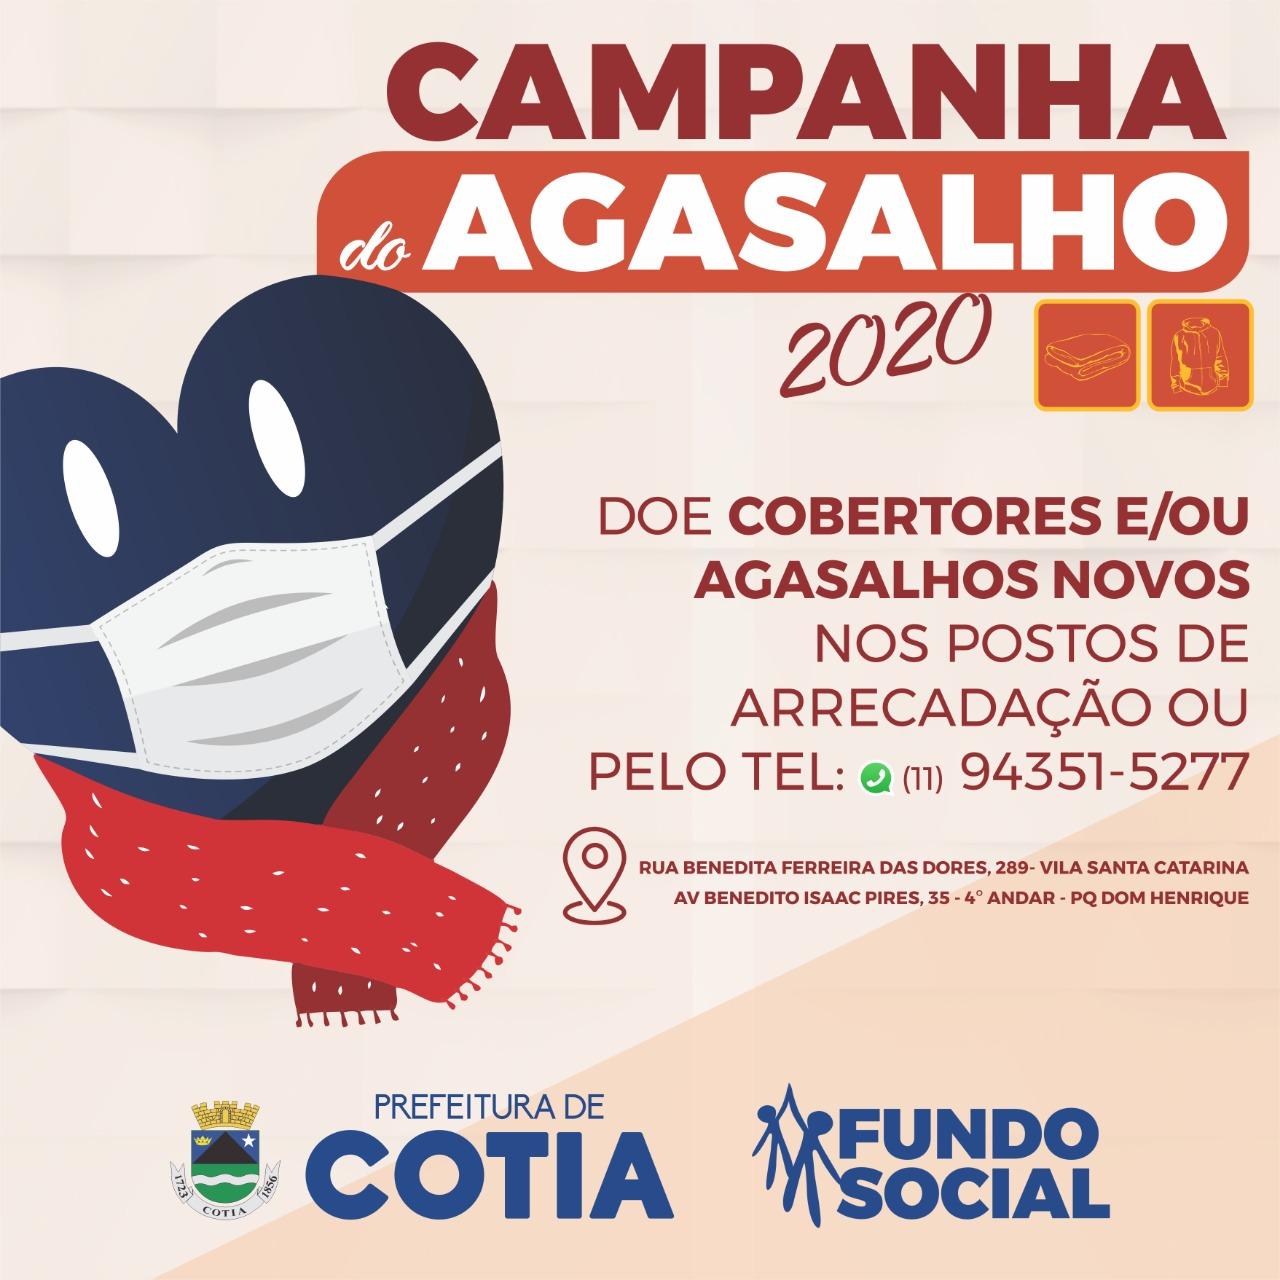 Adequado às condutas devido à pandemia, Fundo Social arrecada roupas e cobertores novos para a Campanha do Agasalho